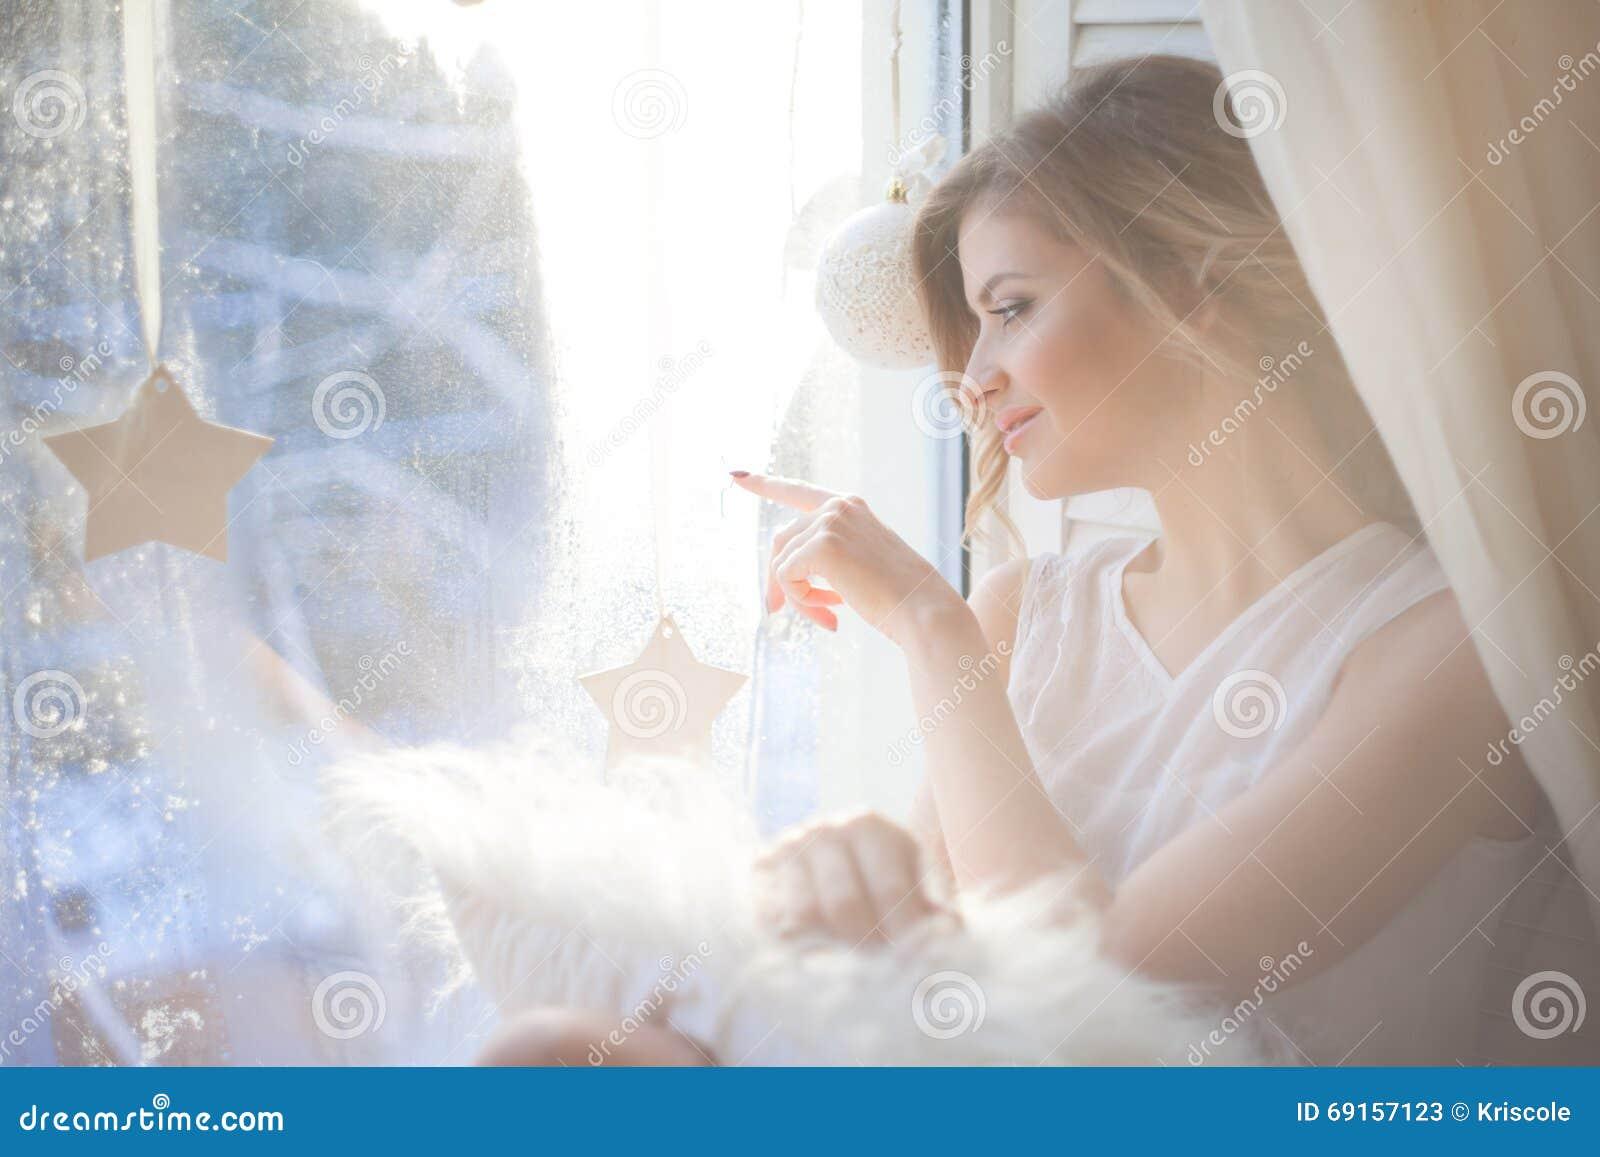 красивая женщина при свежий ежедневный состав и романтичный волнистый стиль причёсок, сидя на windowsill, рисует на стекле